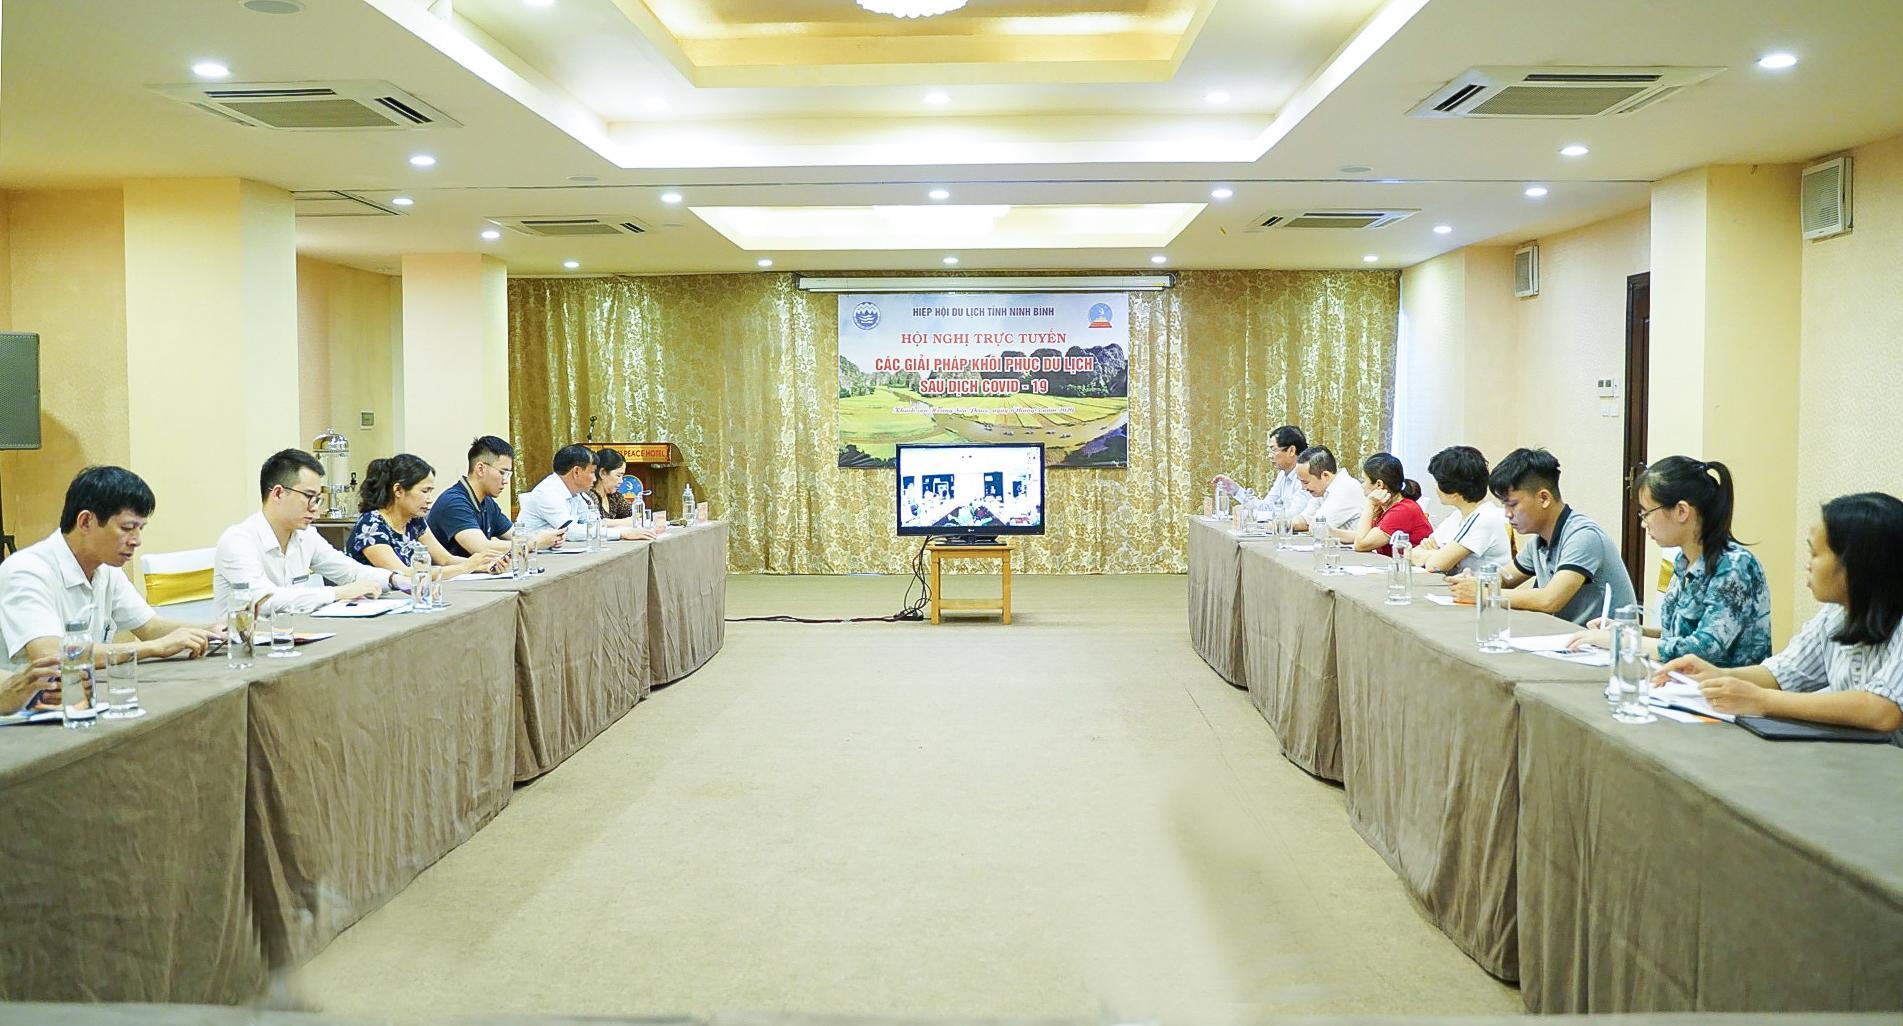 """Hiệp hội du lịch Ninh Bình tham dự Hội nghị trực tuyến toàn quốc """"Giải pháp khôi phục du lịch sau dịch Covid – 19"""""""